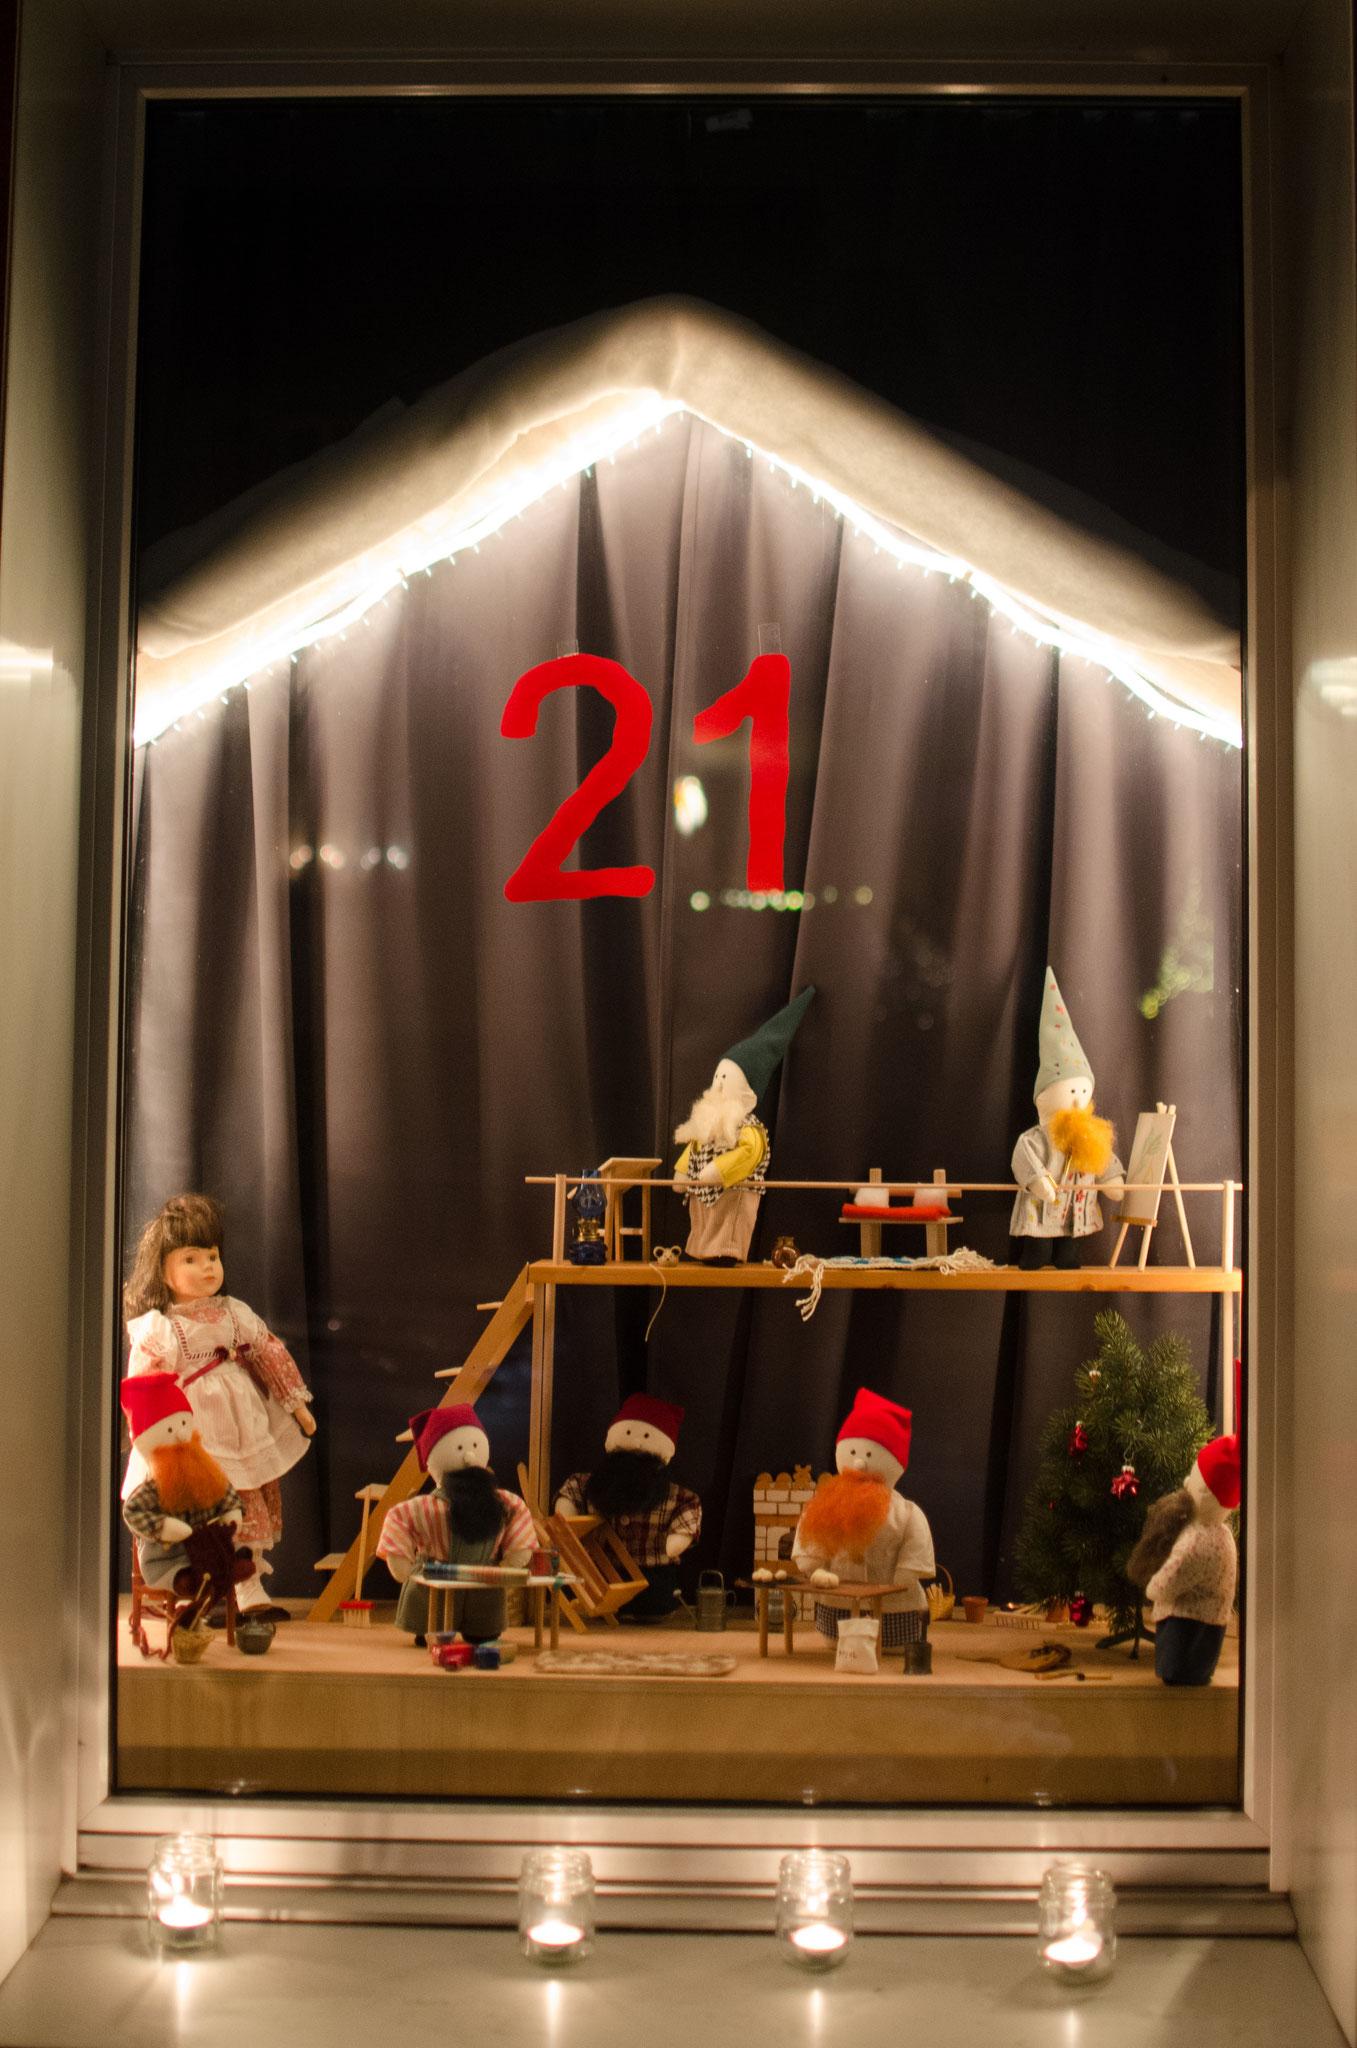 21. Dez. Schulheim Masans, Masanserstrasse 205